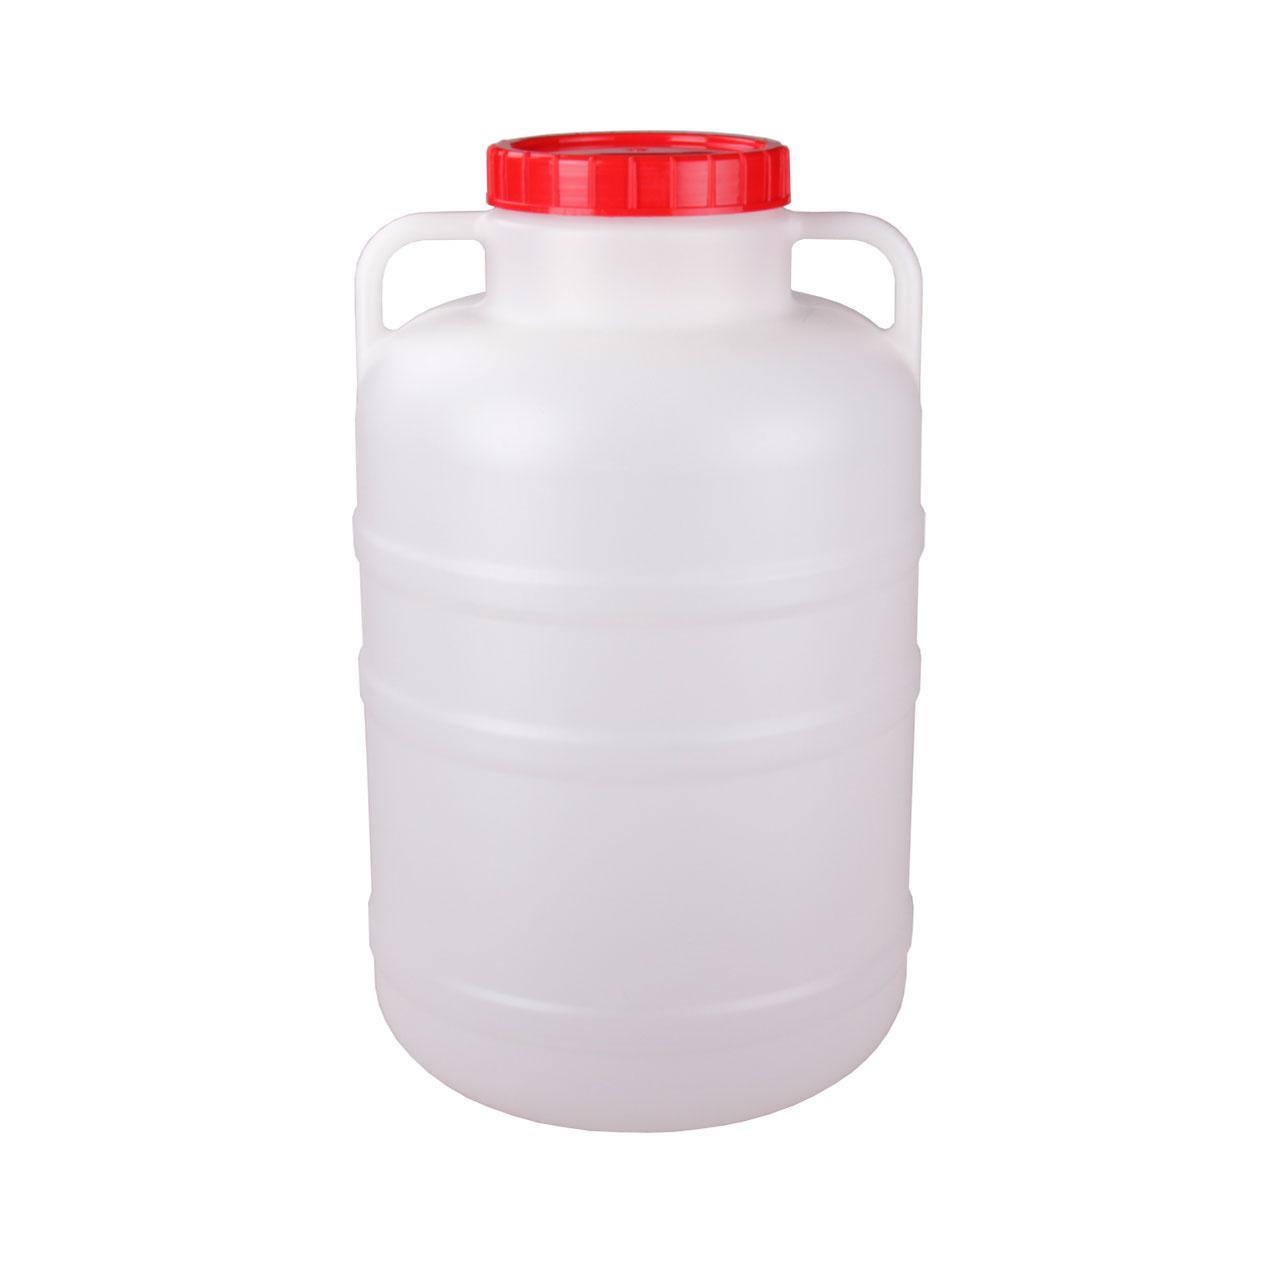 Plastic Fermenting Bucket 25l